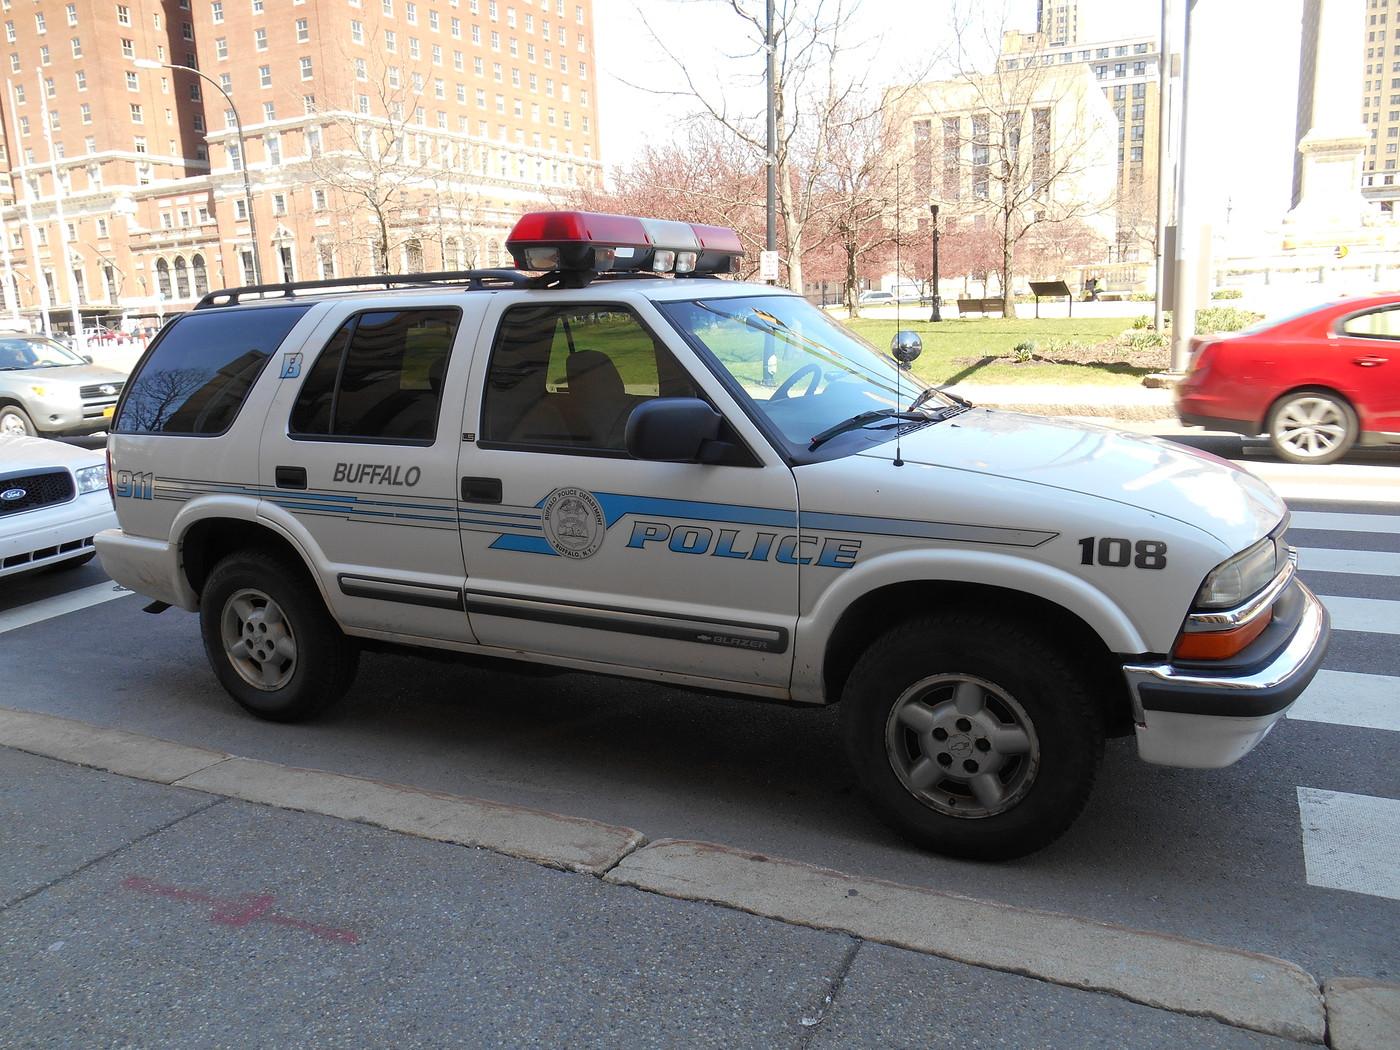 NY - Buffalo Police